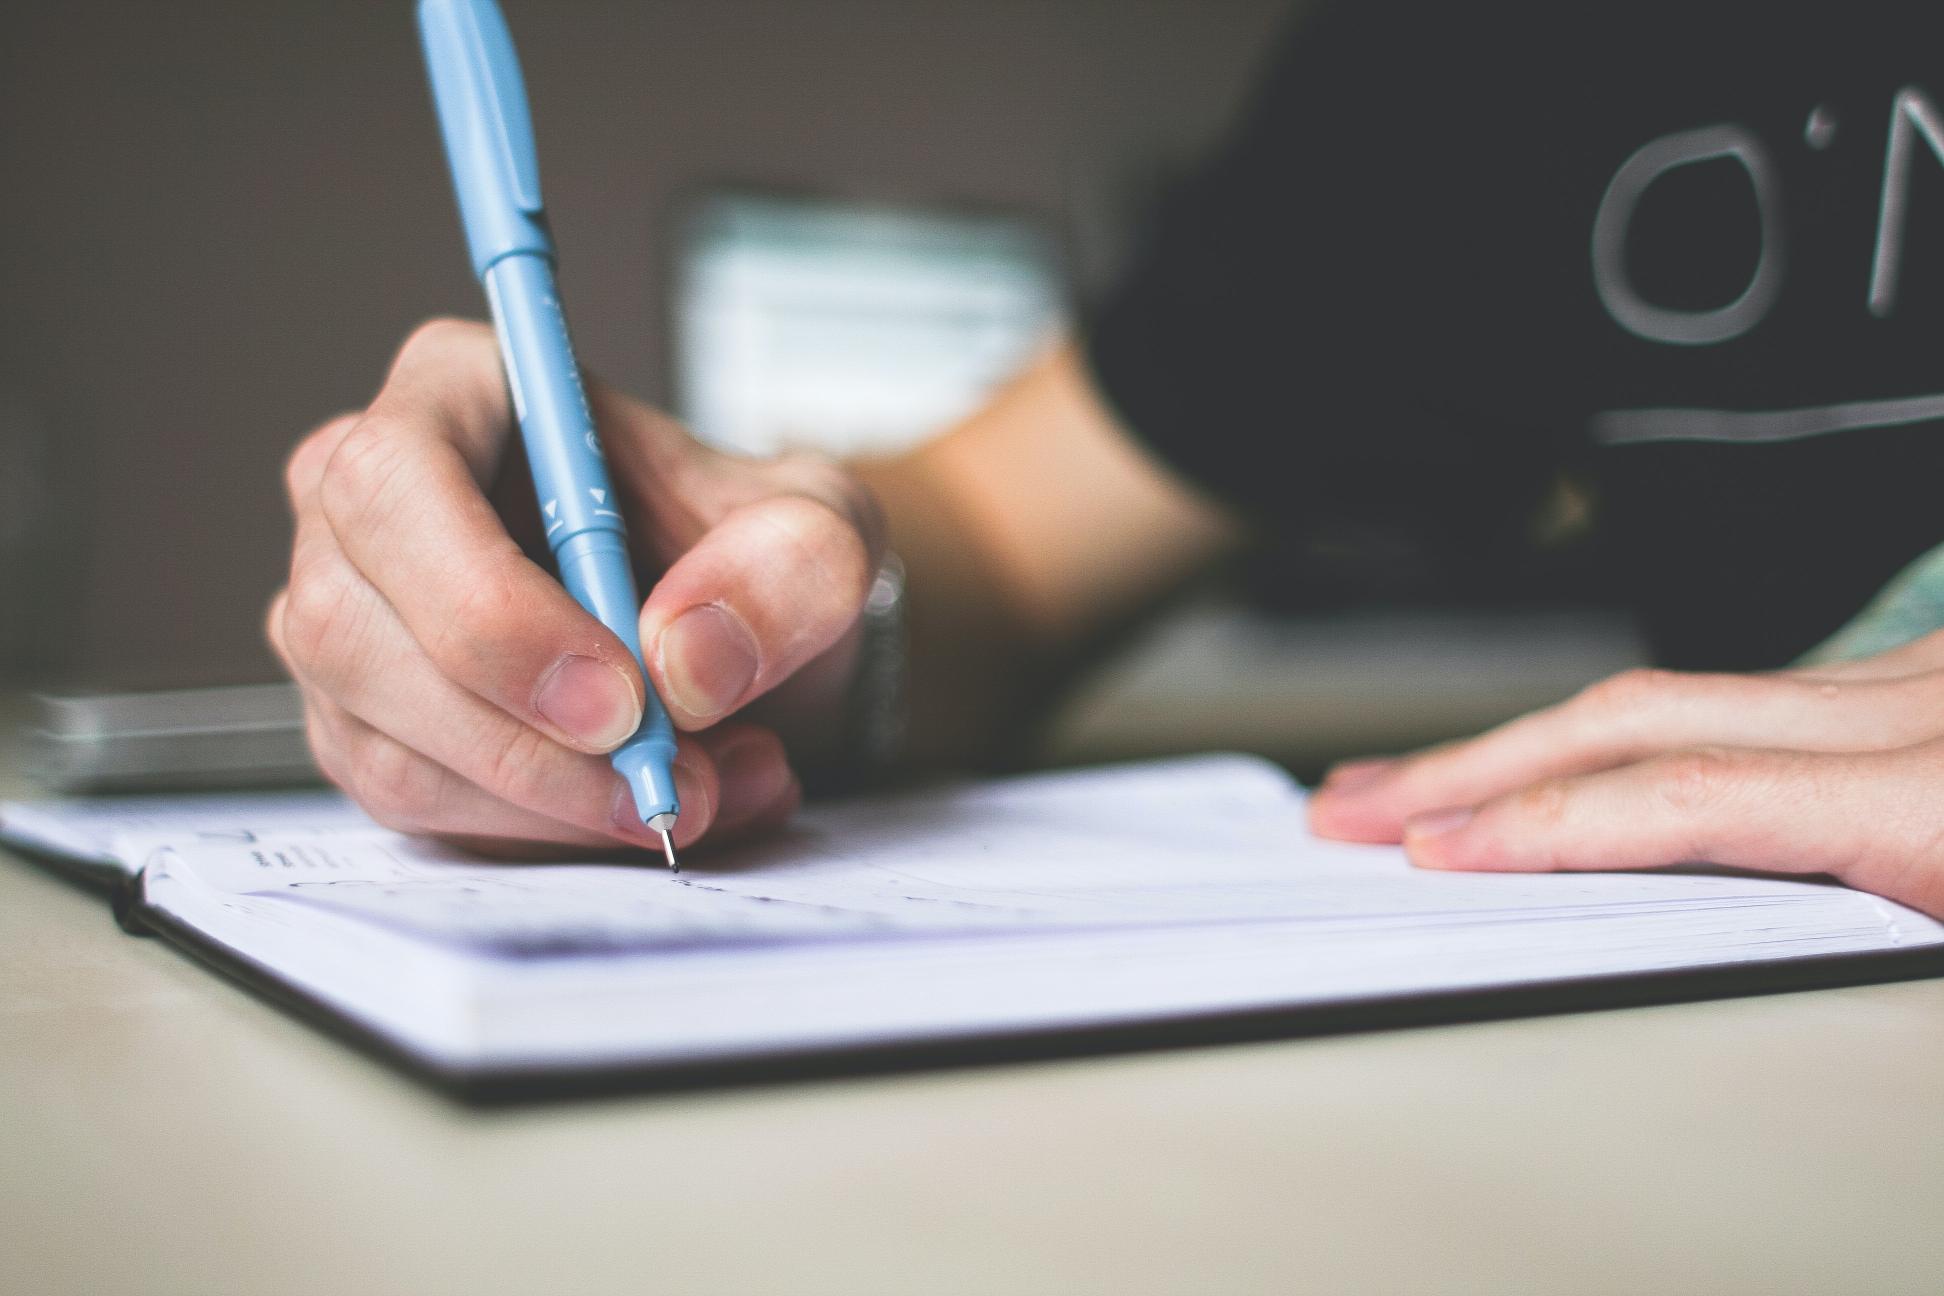 3-tips-de-gostudent-para-evitar-errores-ortograficos-comunes